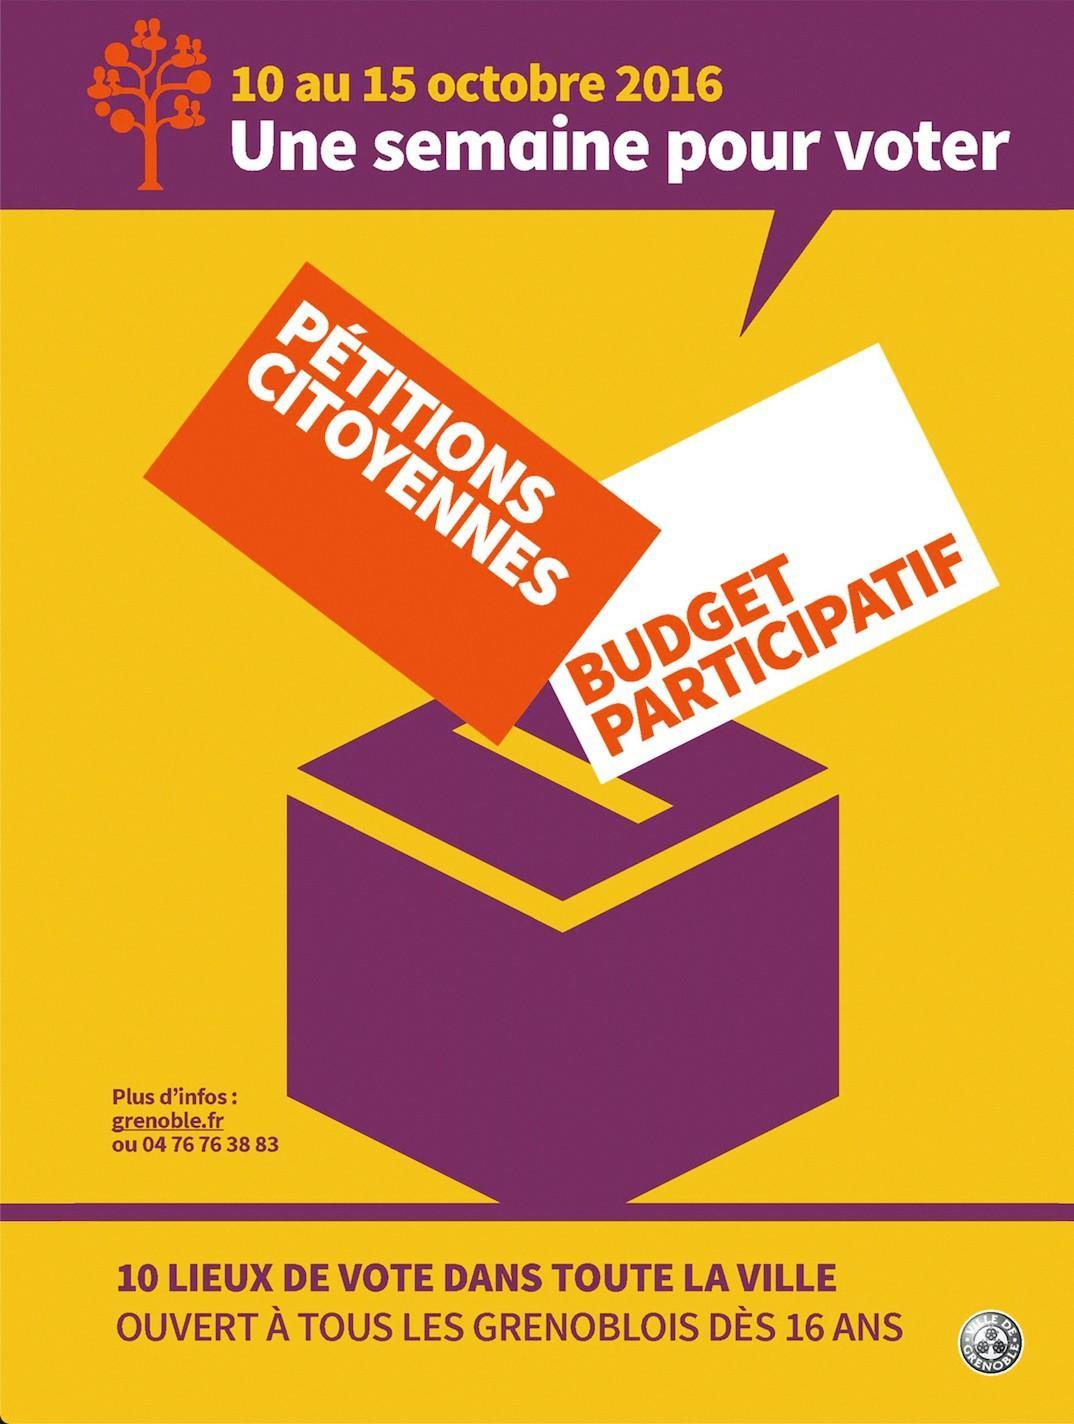 Affiche pour des initiatives de démocratie participative à Grenoble en 2016.